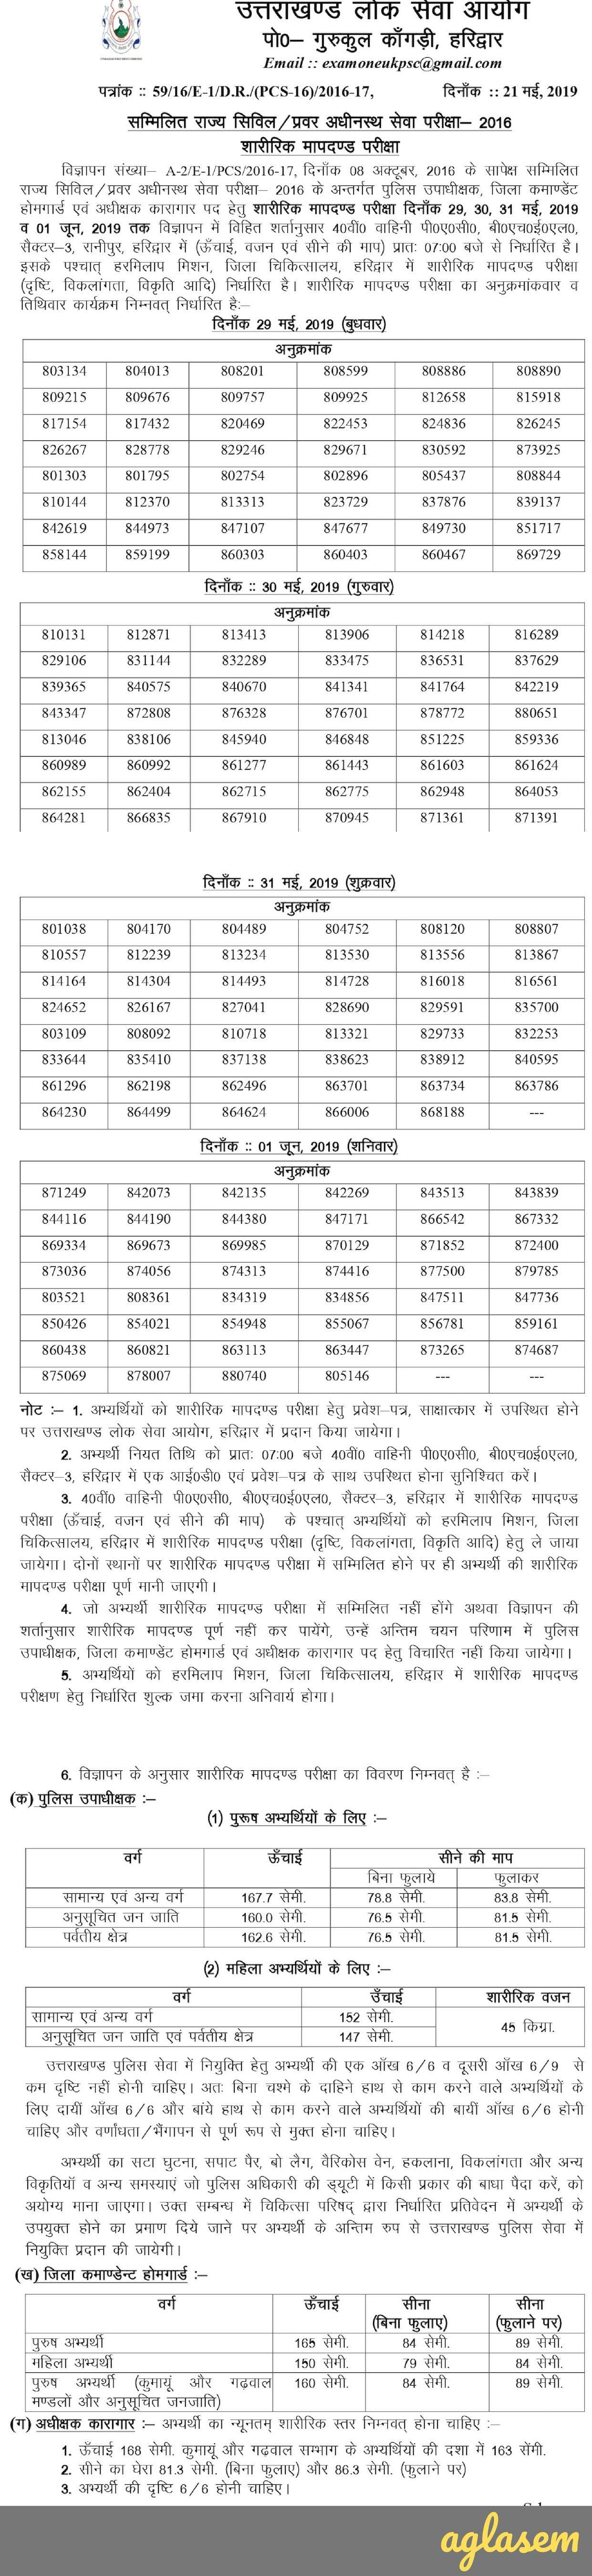 UKPSC Uttarakhand Upper Subordinate Services (PCS) Exam 2016-2019